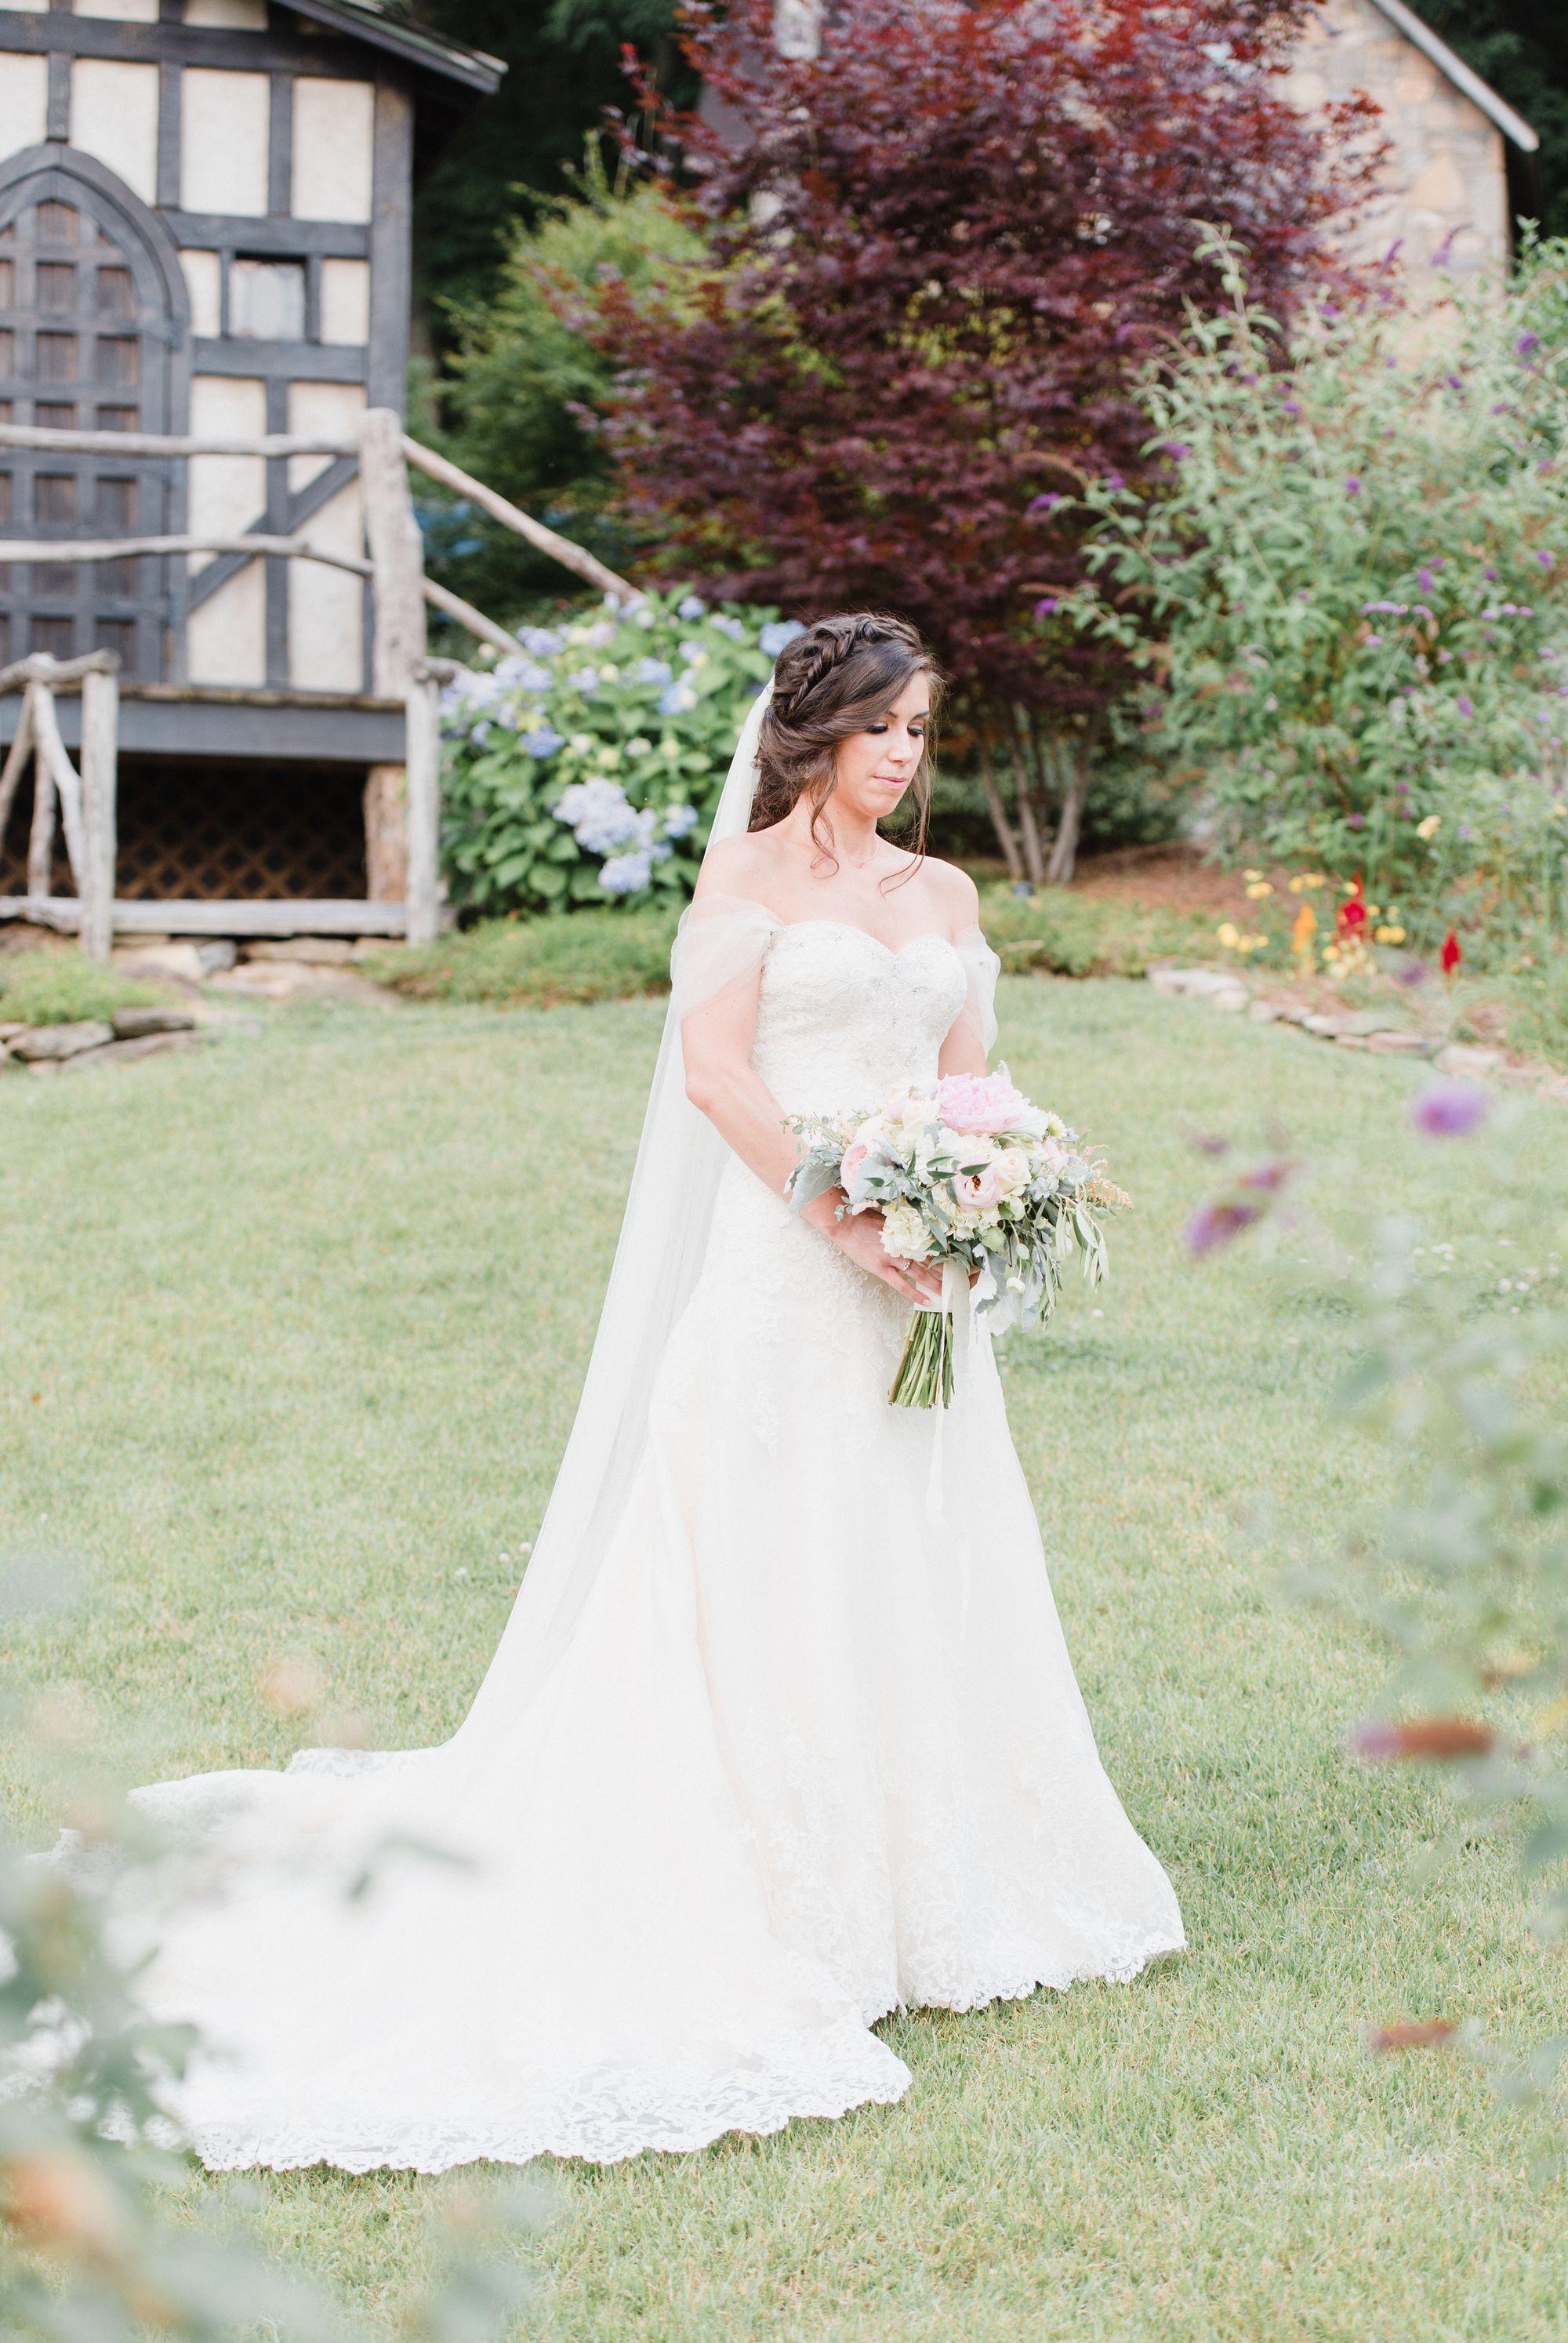 castle-ladyhawke-destination-wedding 49